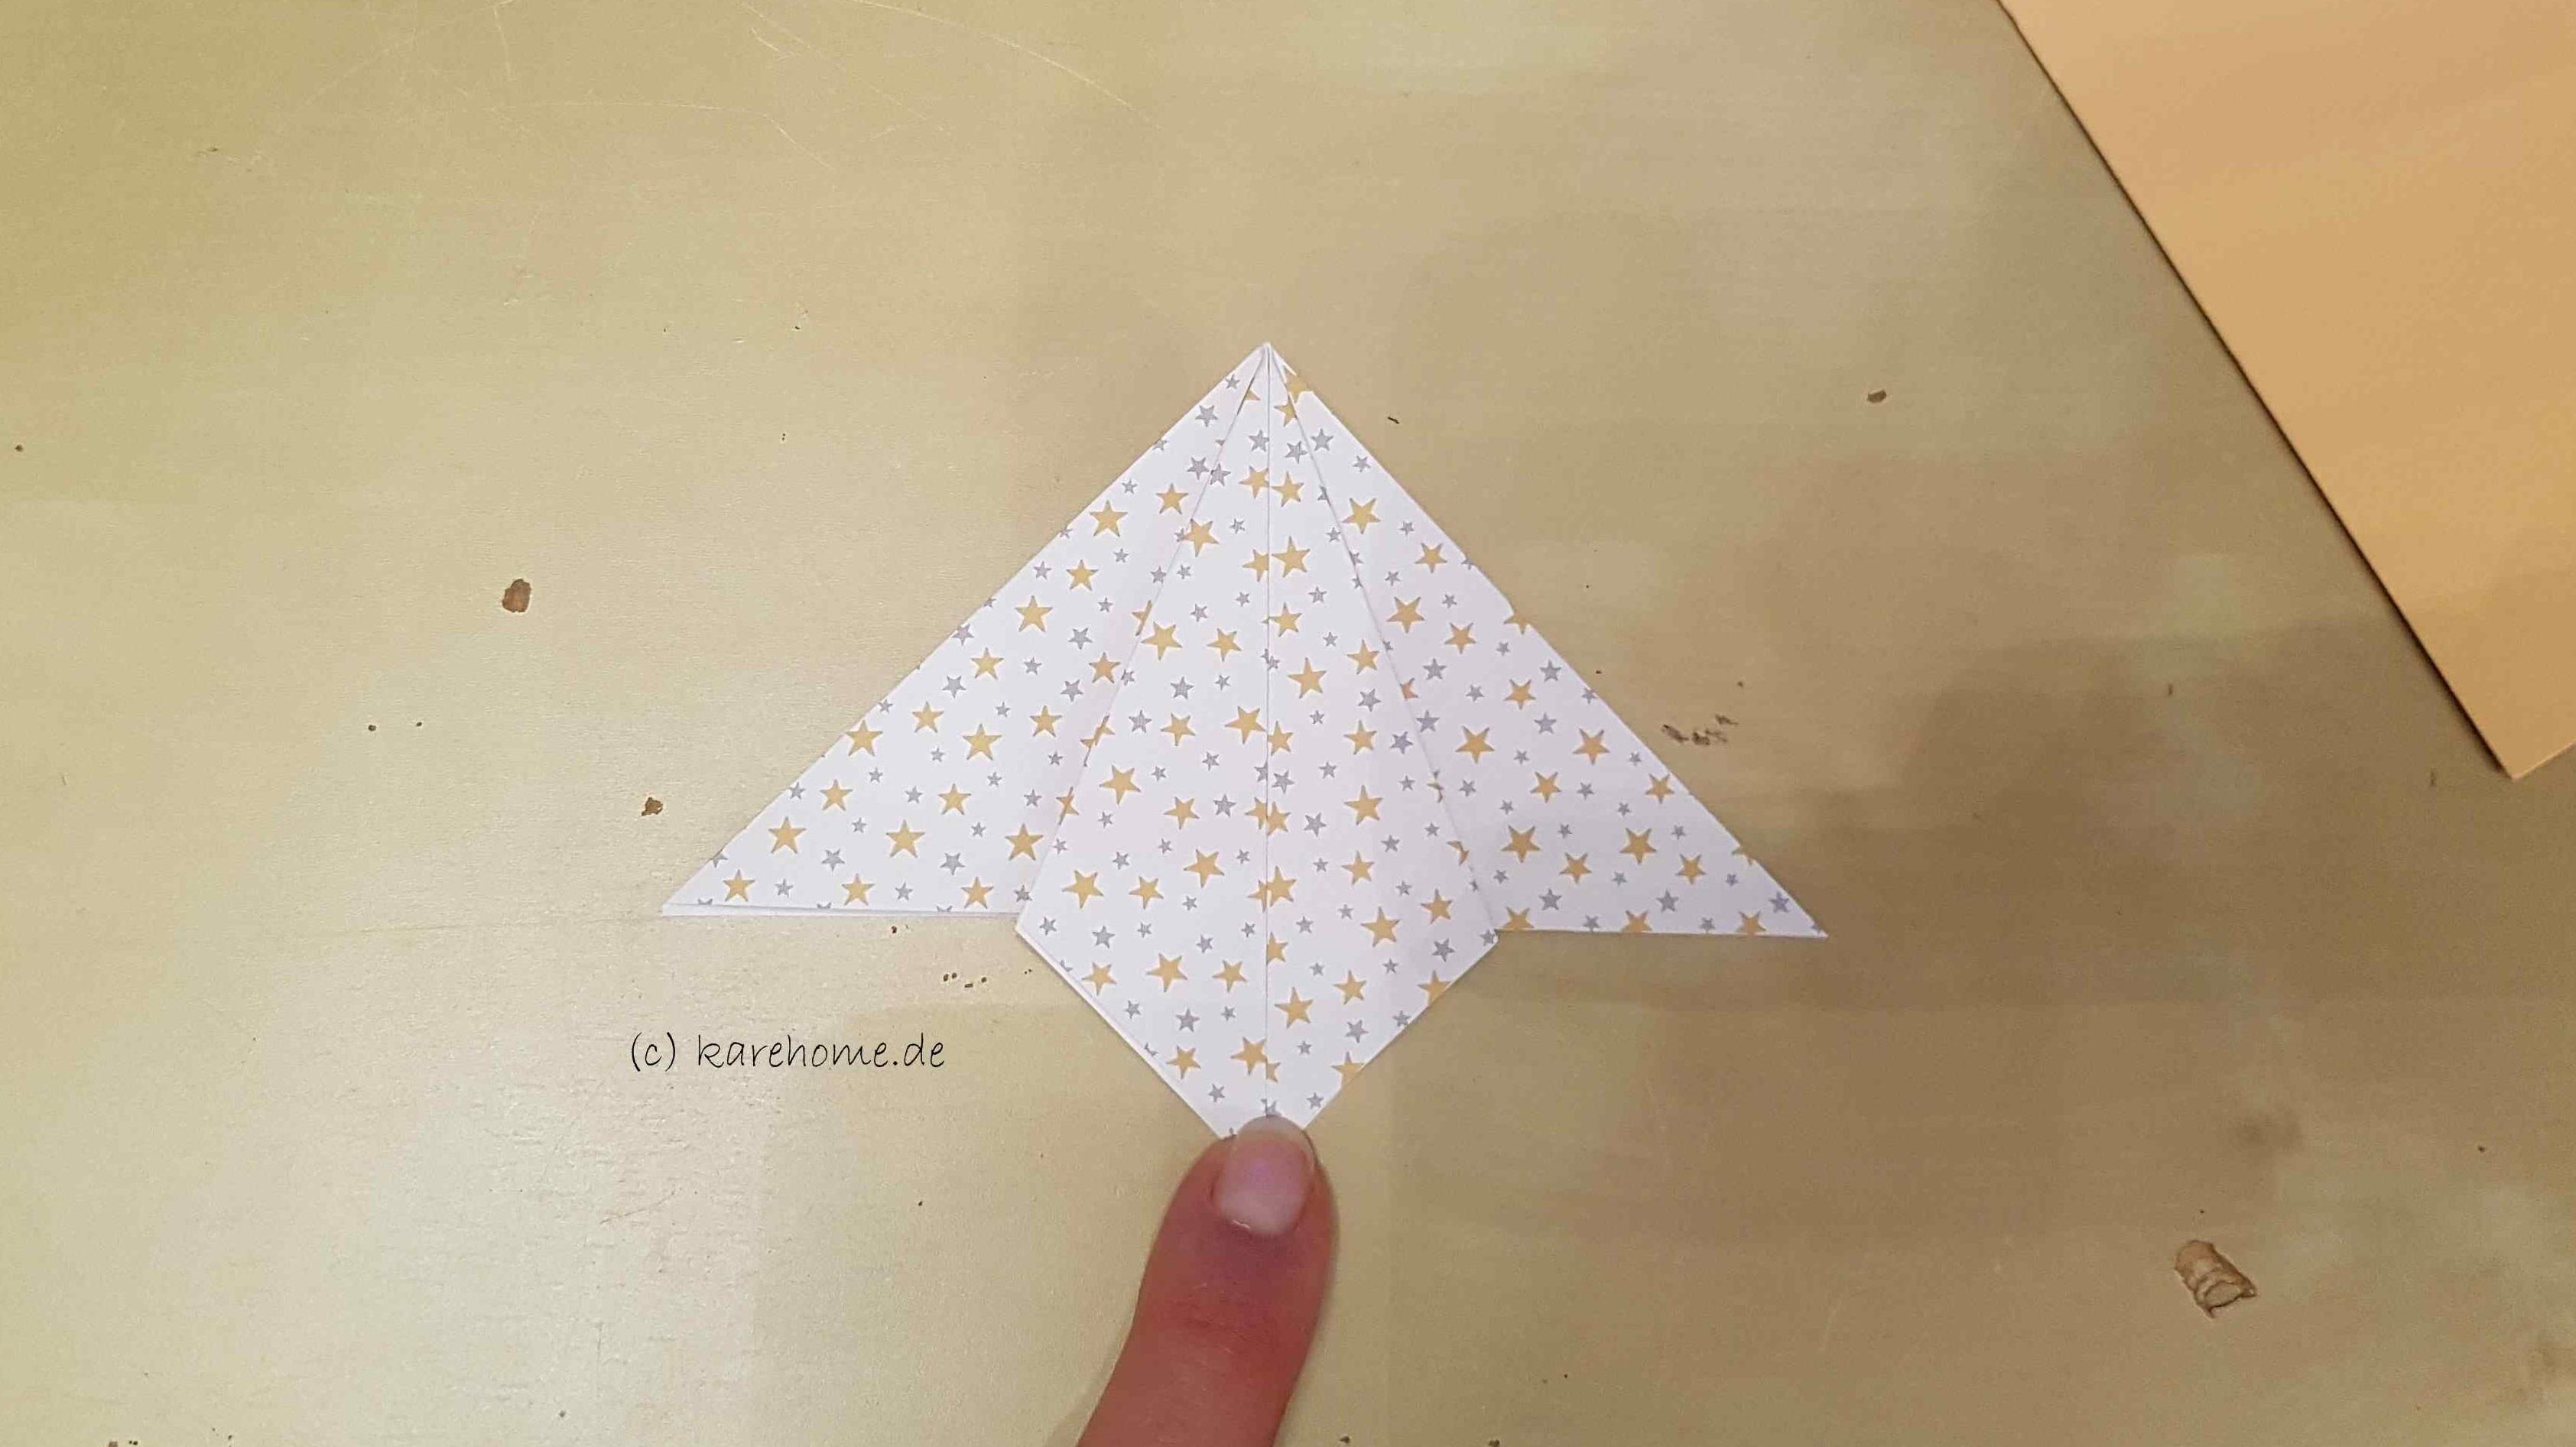 weihnachtskarte mit origami weihnachtsbaum karehome. Black Bedroom Furniture Sets. Home Design Ideas